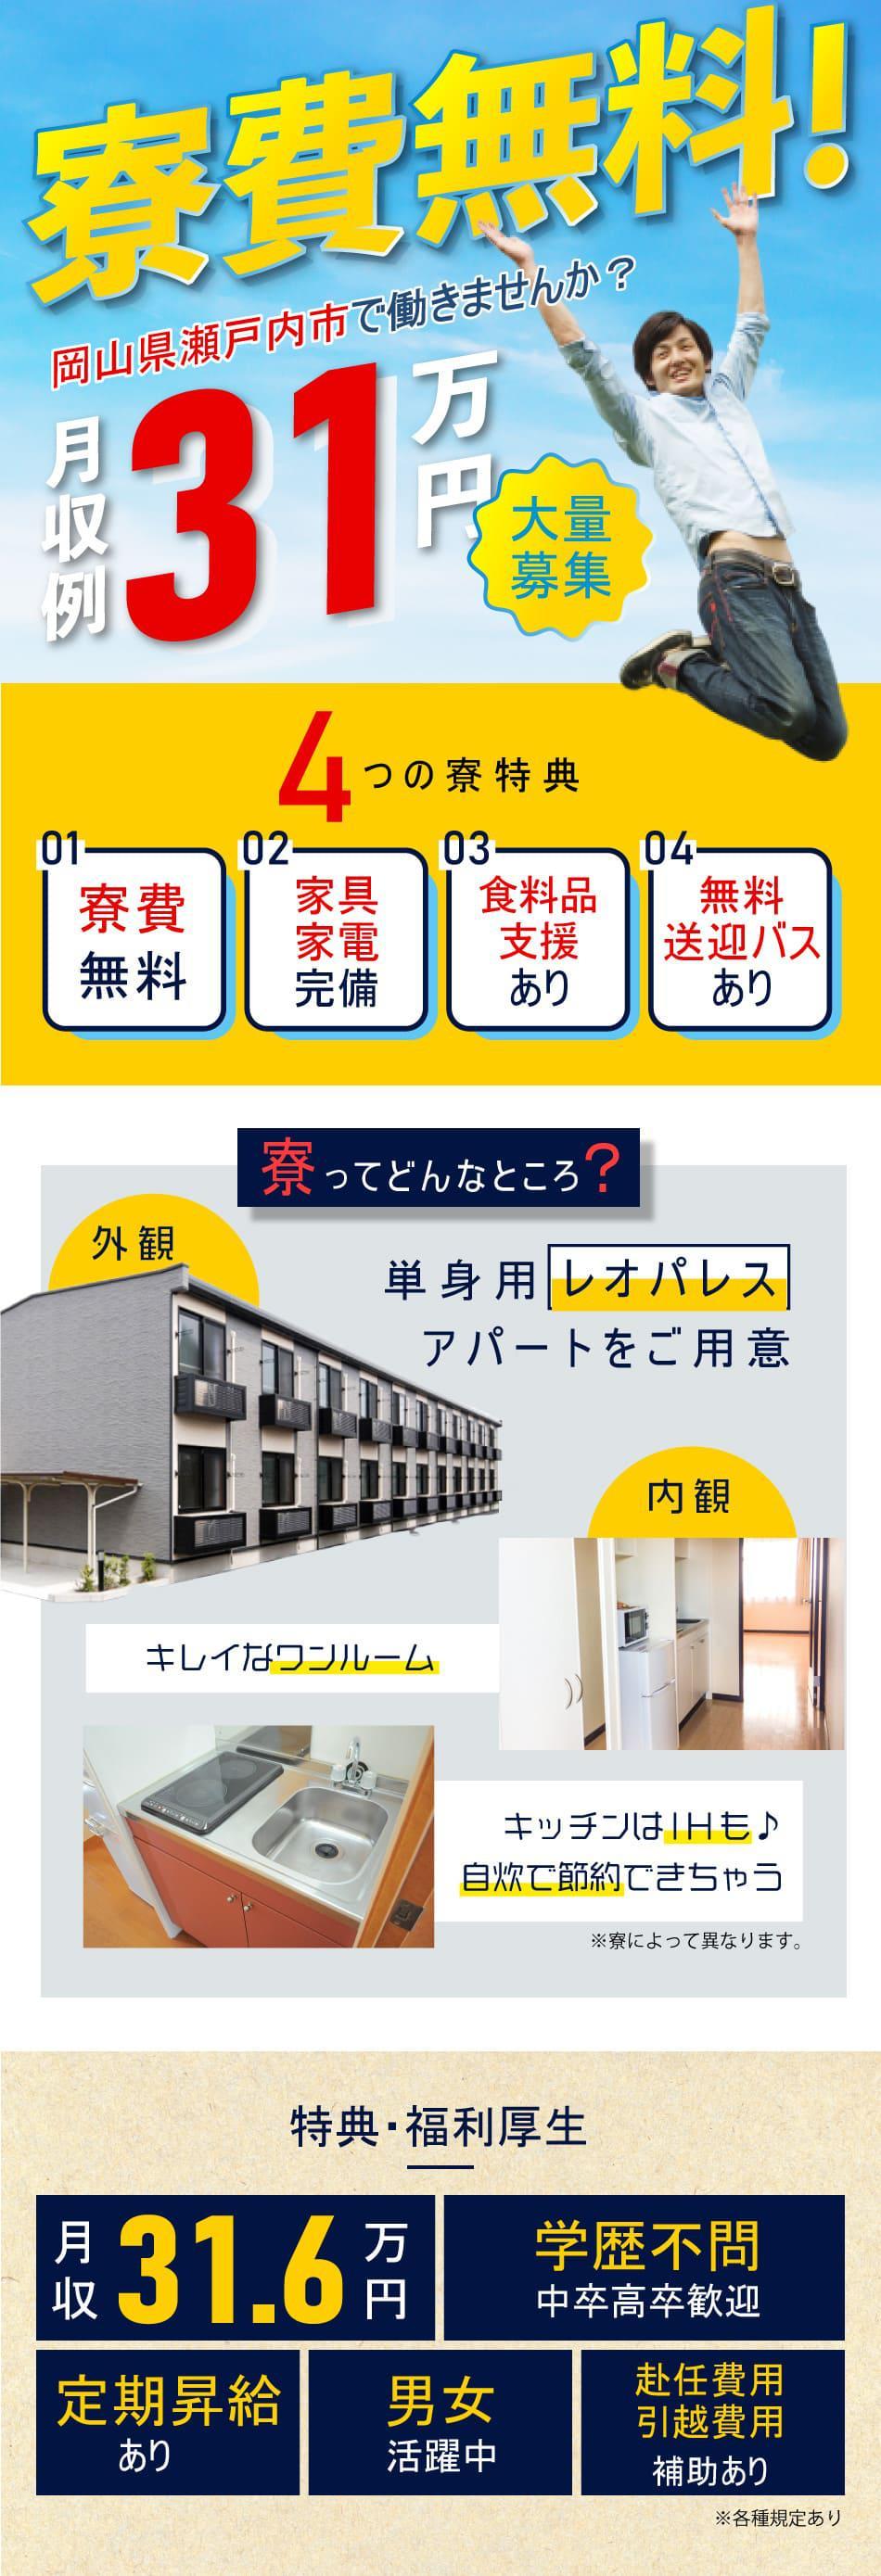 寮費無料・月収例31万円・大量募集